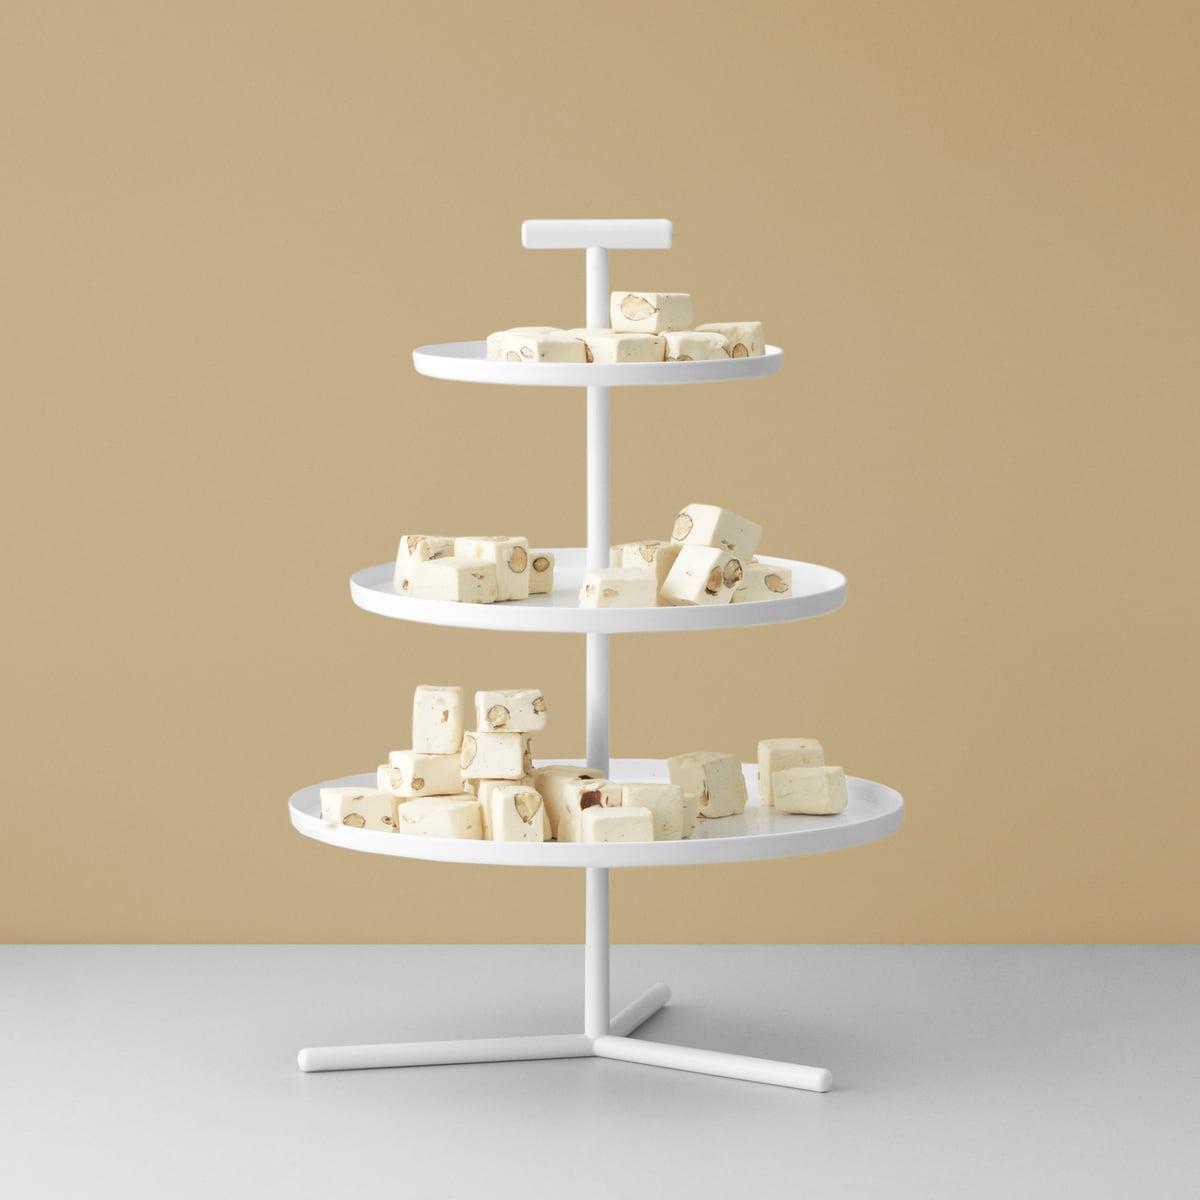 Glaze Tiered Cake Stand by Normann Copenhagen | Connox